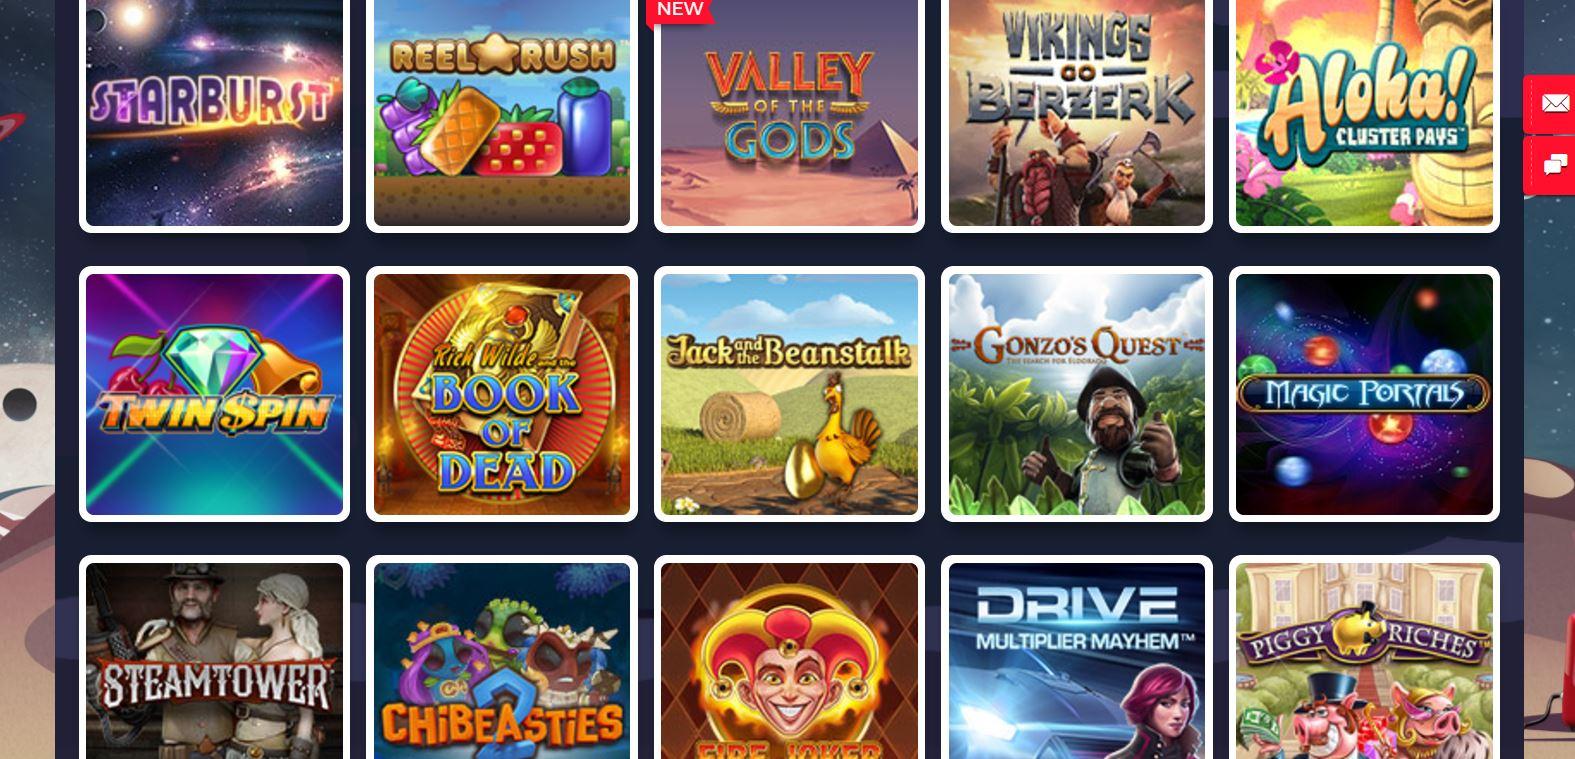 Visa Electron Casino | $/£/€400 Welcome Bonus | Casino.com